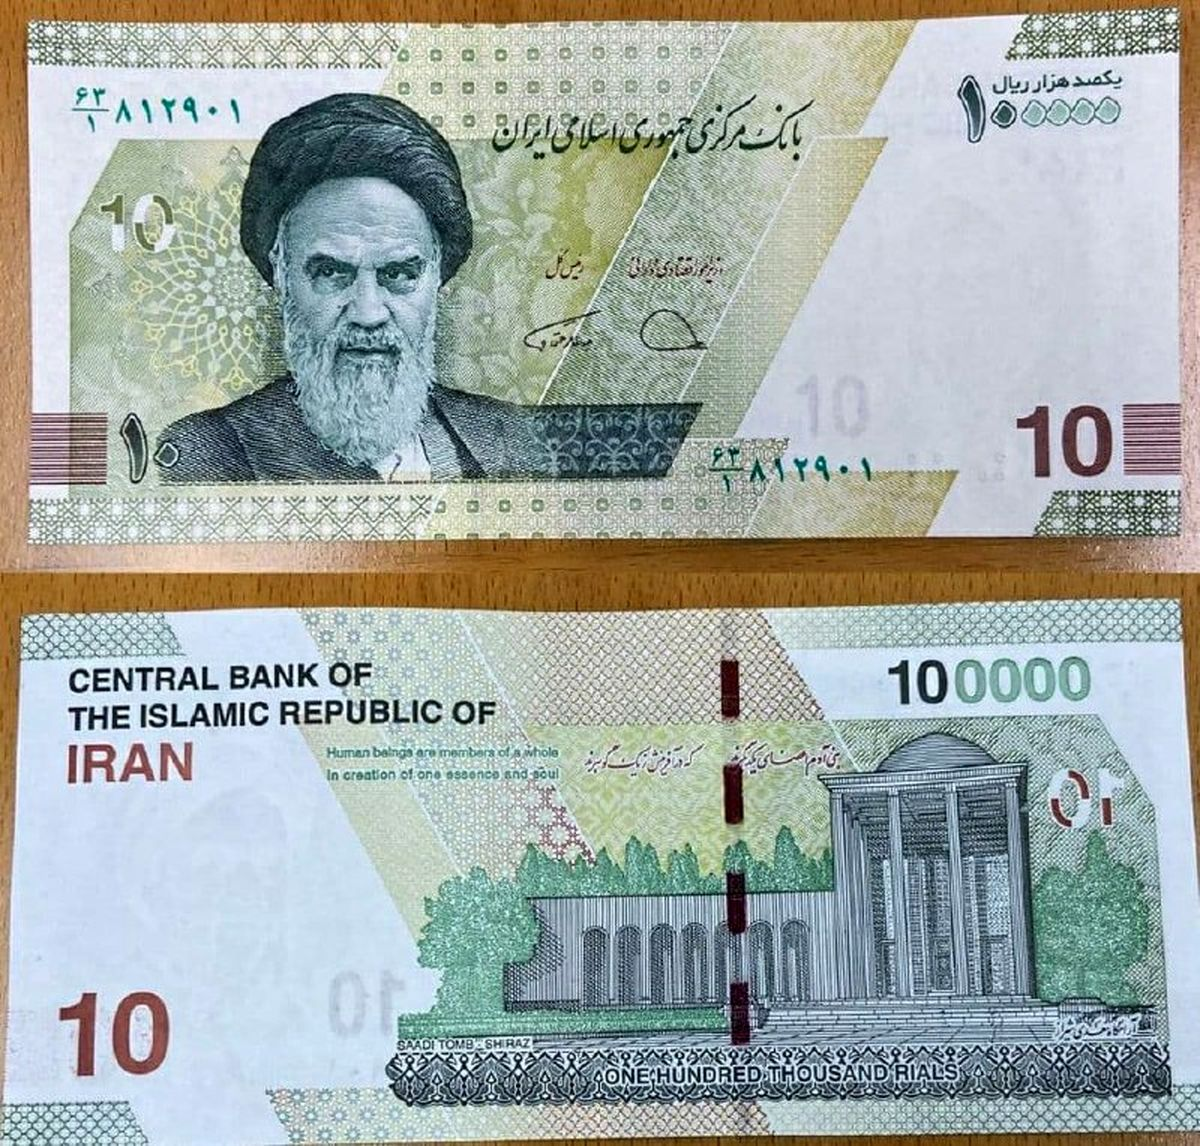 حذف نمادین ۴صفر در اسکناسهای جدید/ آغاز توزیع ایران چکهای ۱۰۰هزار تومانی